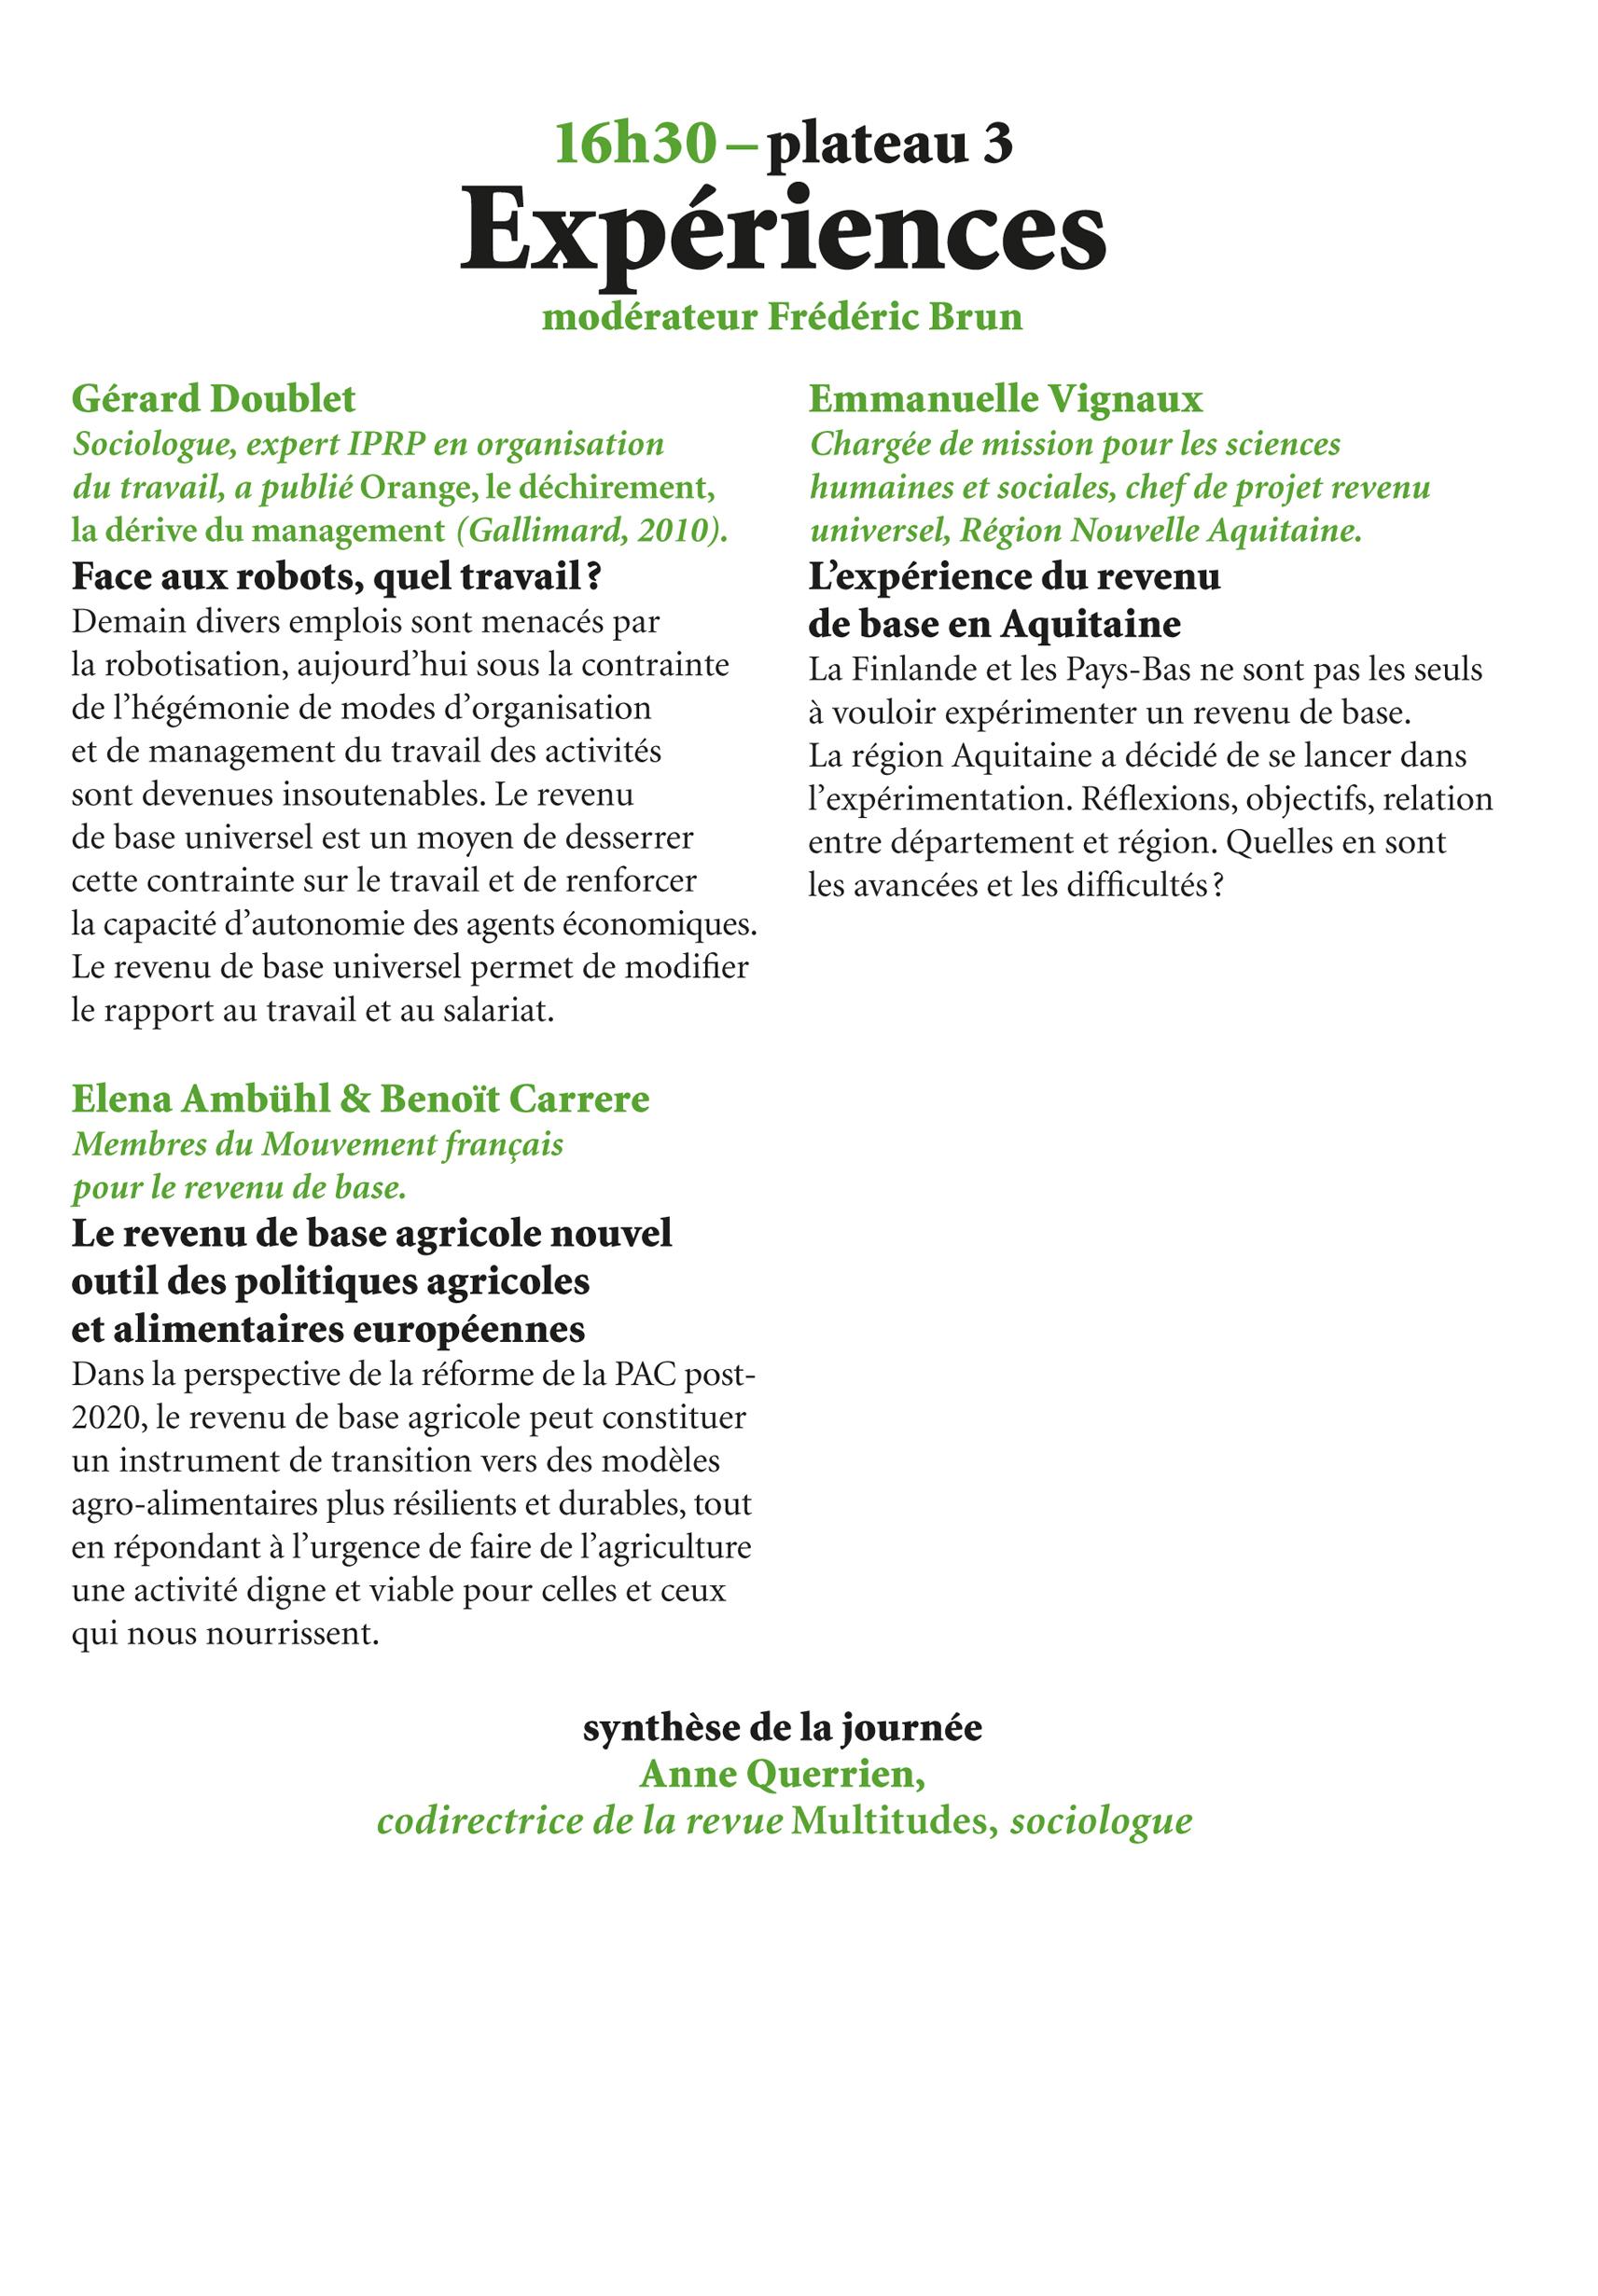 multitudes-revenu-universel-flyer-MAILING-4